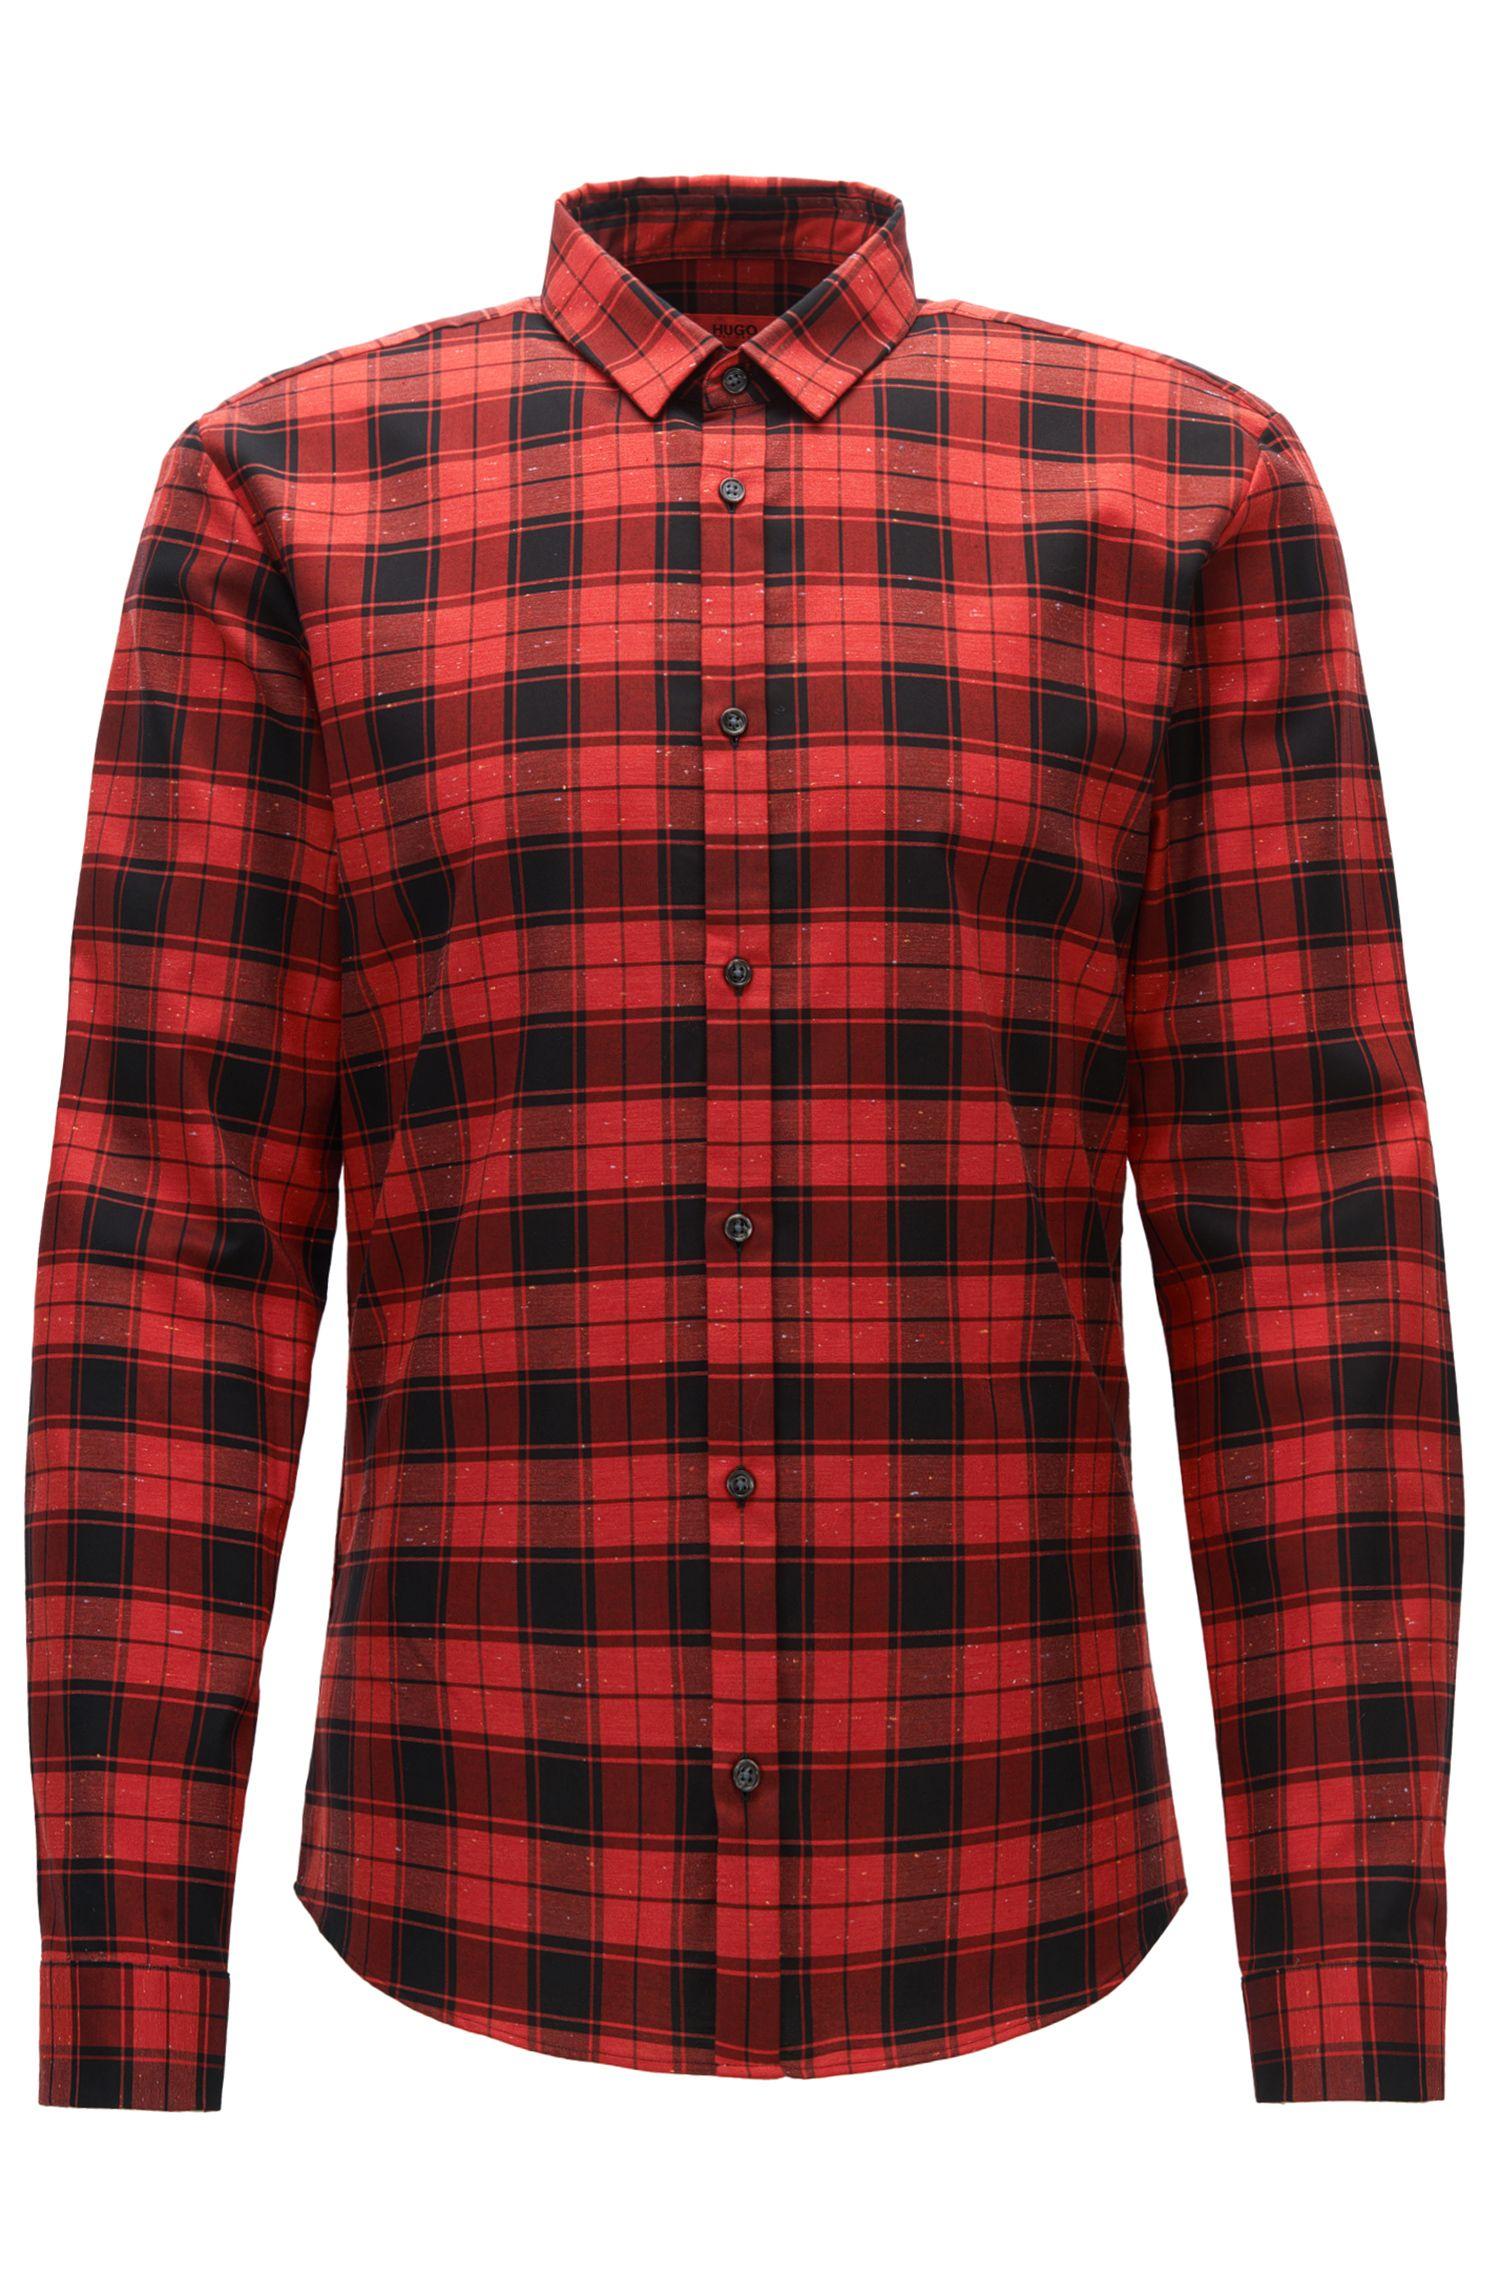 'Ero' | Extra Slim Fit, Plaid Slub Cotton Button Down Shirt